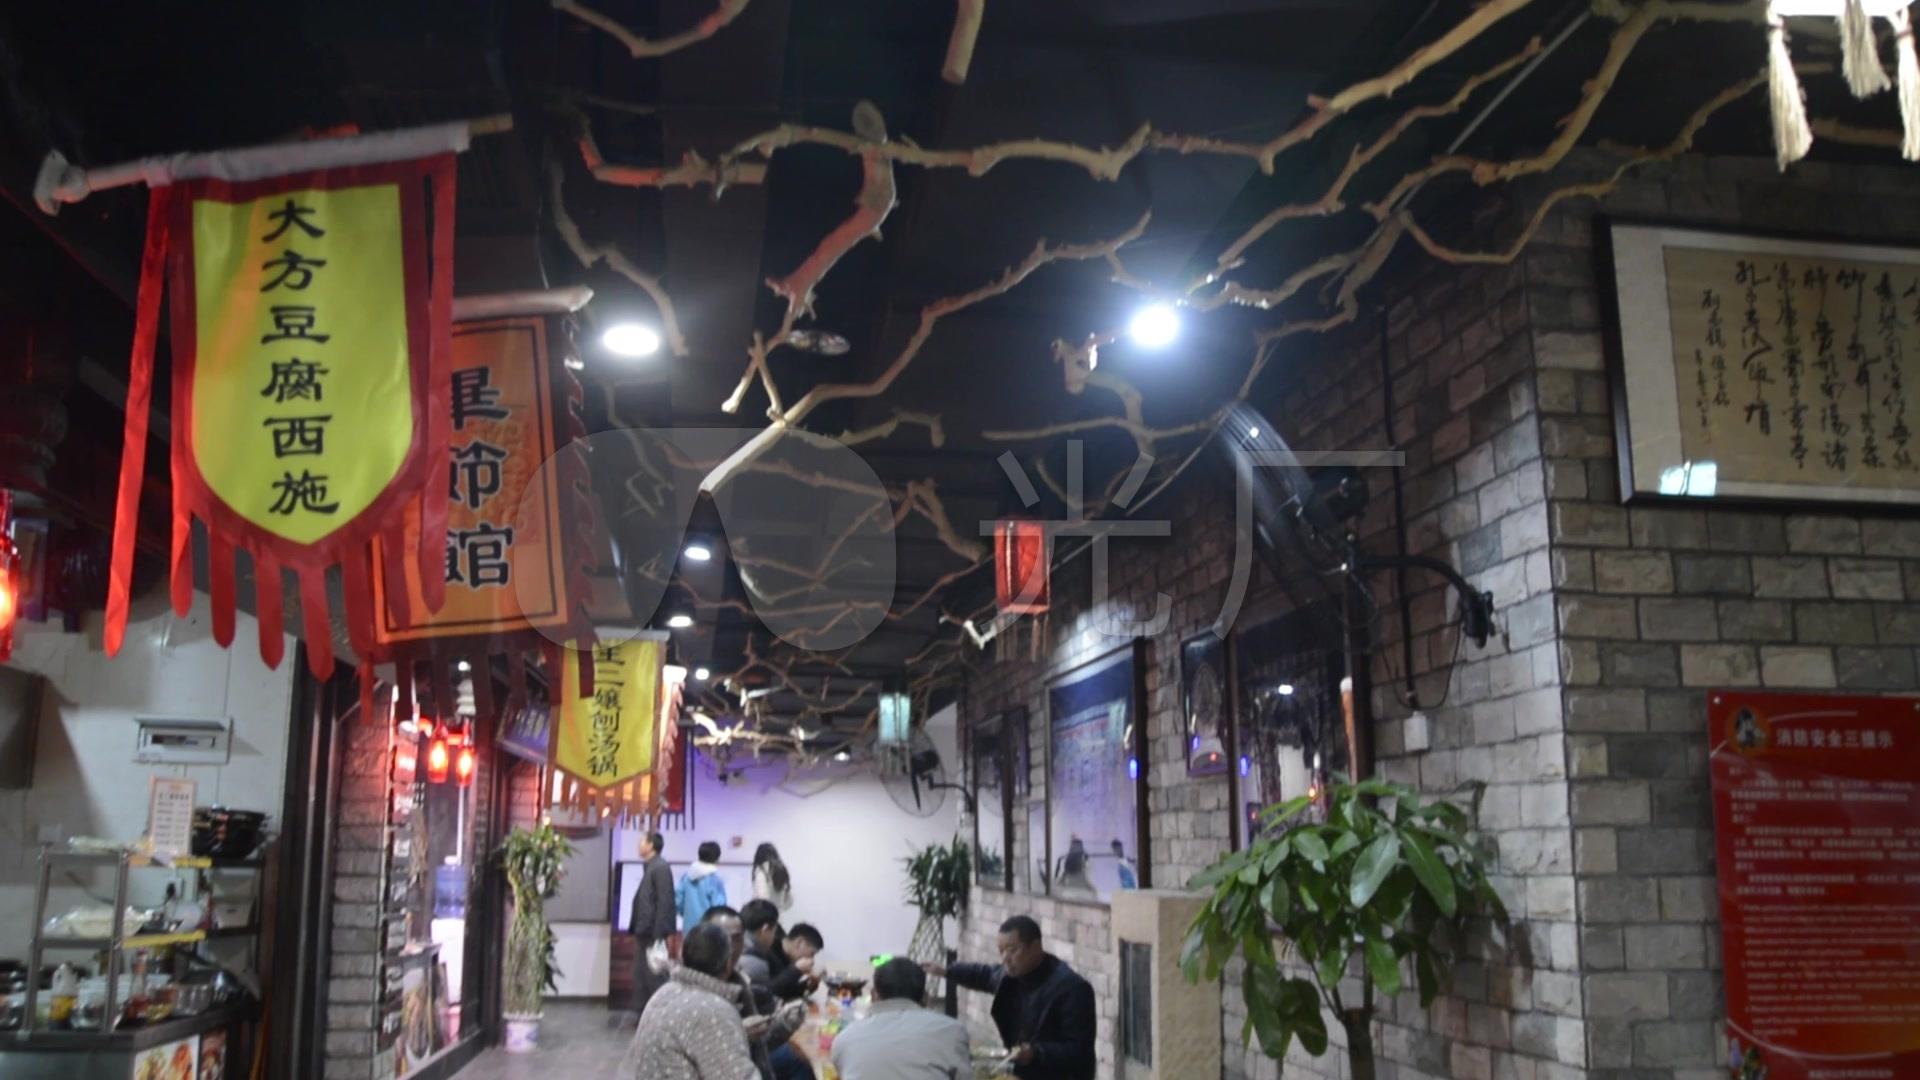 贵州民俗文化美食城_1920X1080_翡翠视频素高清美食城图片